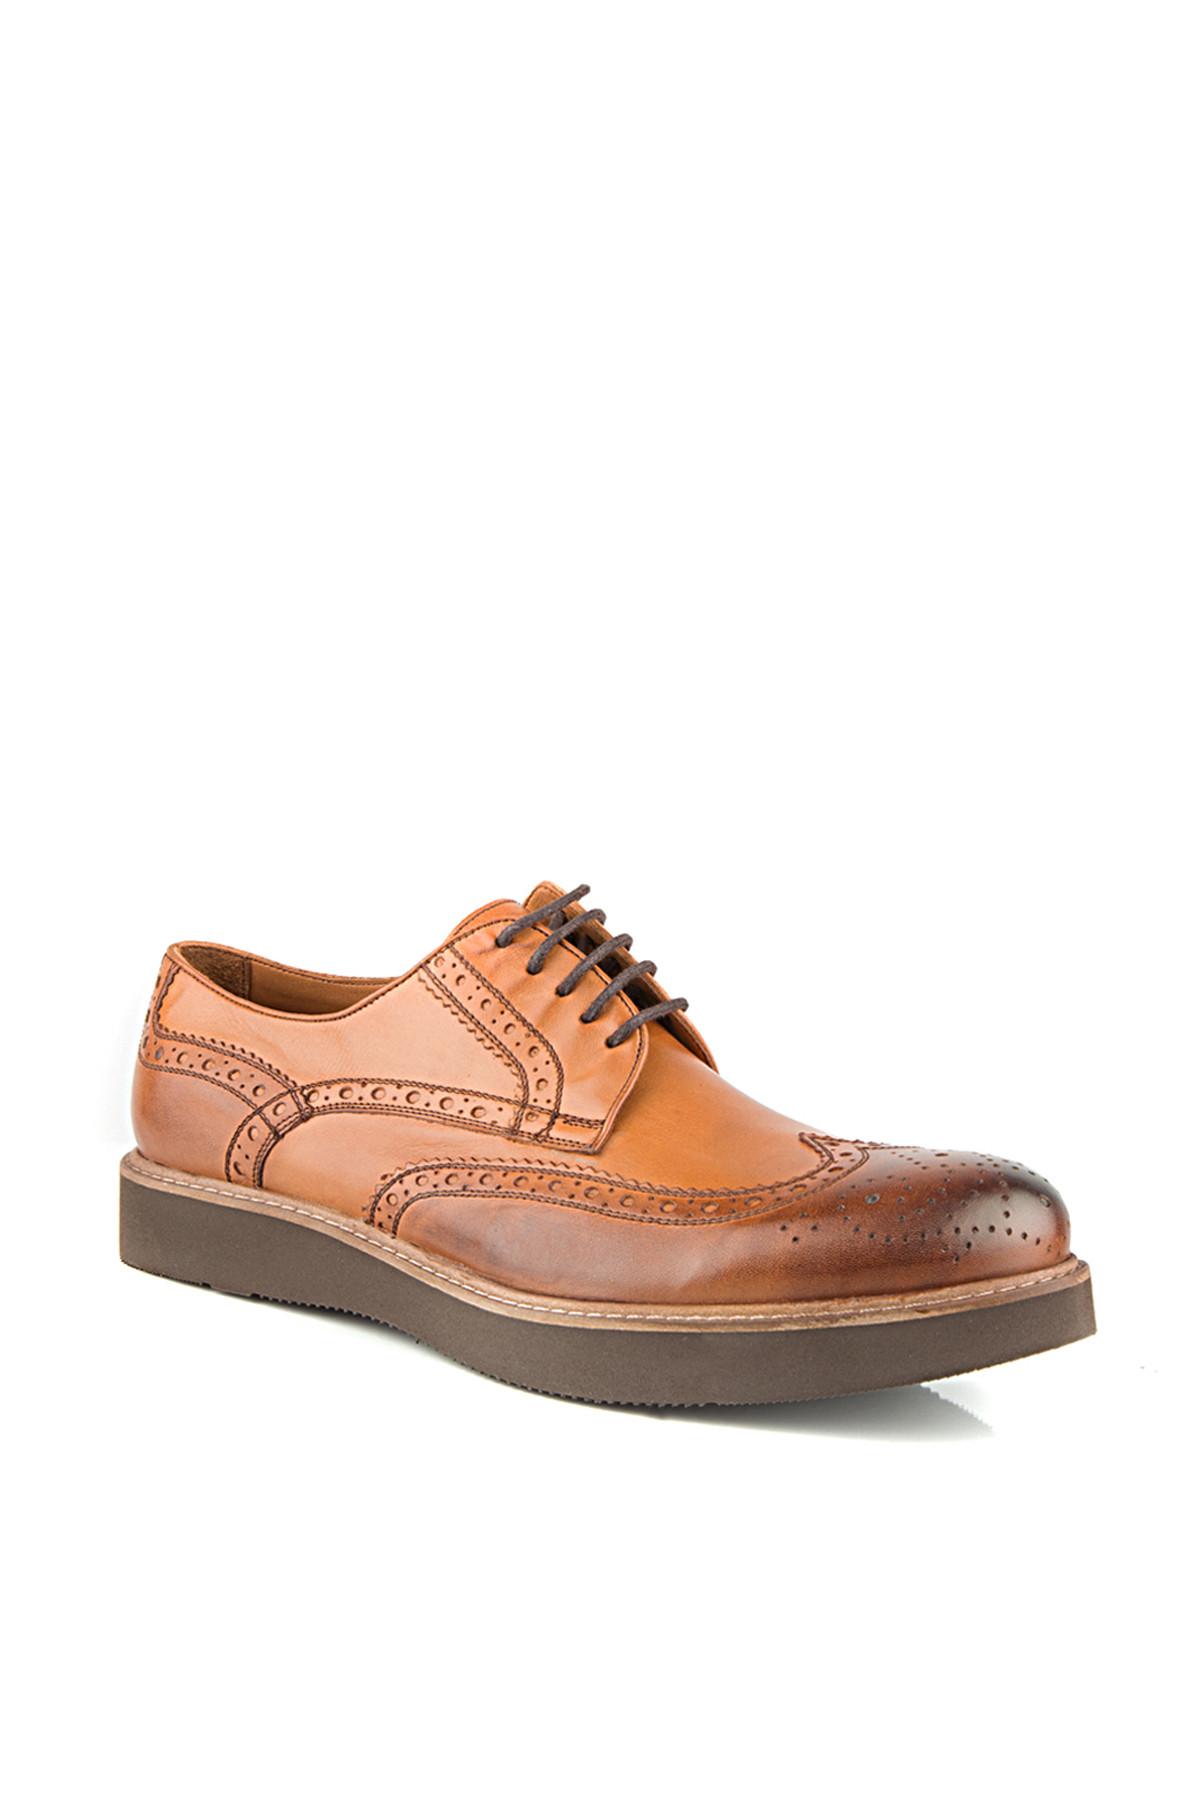 Twn Erkek Deri Taba Klasik Ayakkabı - 0Ef091382754-J01 1